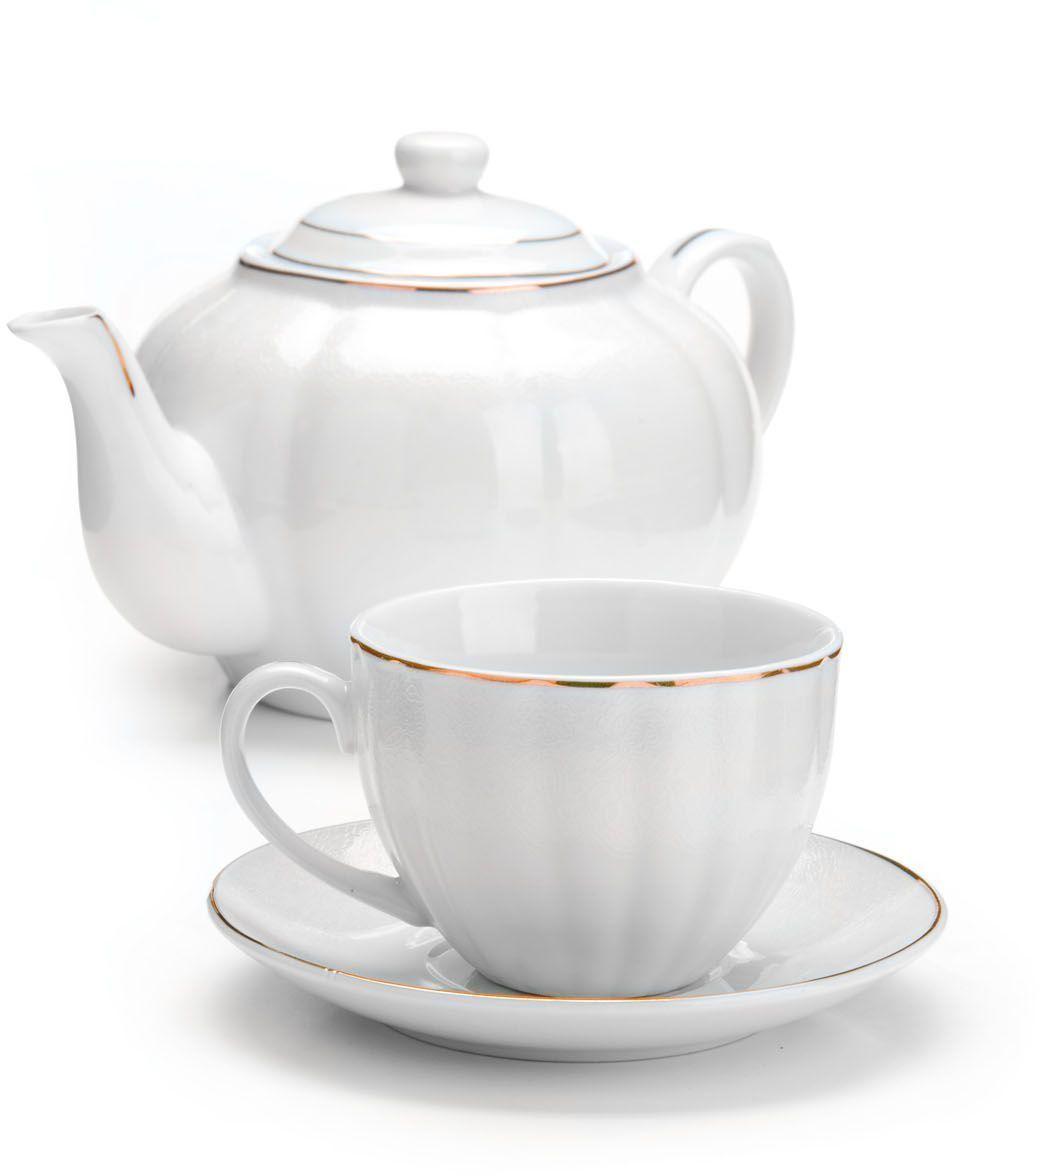 Чайный сервиз Loraine, 13 предметов (220 мл + чайник 1 л). 2642126421Чайный набор Loraine на 6 персон, изготовленный из высококачественной керамики изысканного белого цвета, состоит из 6 чашек, 6 блюдец и 1-го чайника. Изделия набора украшены тонкой золотой каймой и имеют красивый и нежный дизайн. Набор придется по вкусу и ценителям классики, и тем, кто предпочитает утонченность и изысканность. Он настроит на позитивный лад и подарит хорошее настроение с самого утра. Набор упакован в подарочную упаковку. Такой чайный набор станет прекрасным украшением стола, а процесс чаепития превратится в одно удовольствие! Это замечательный выбор для подарка родным и друзьям!